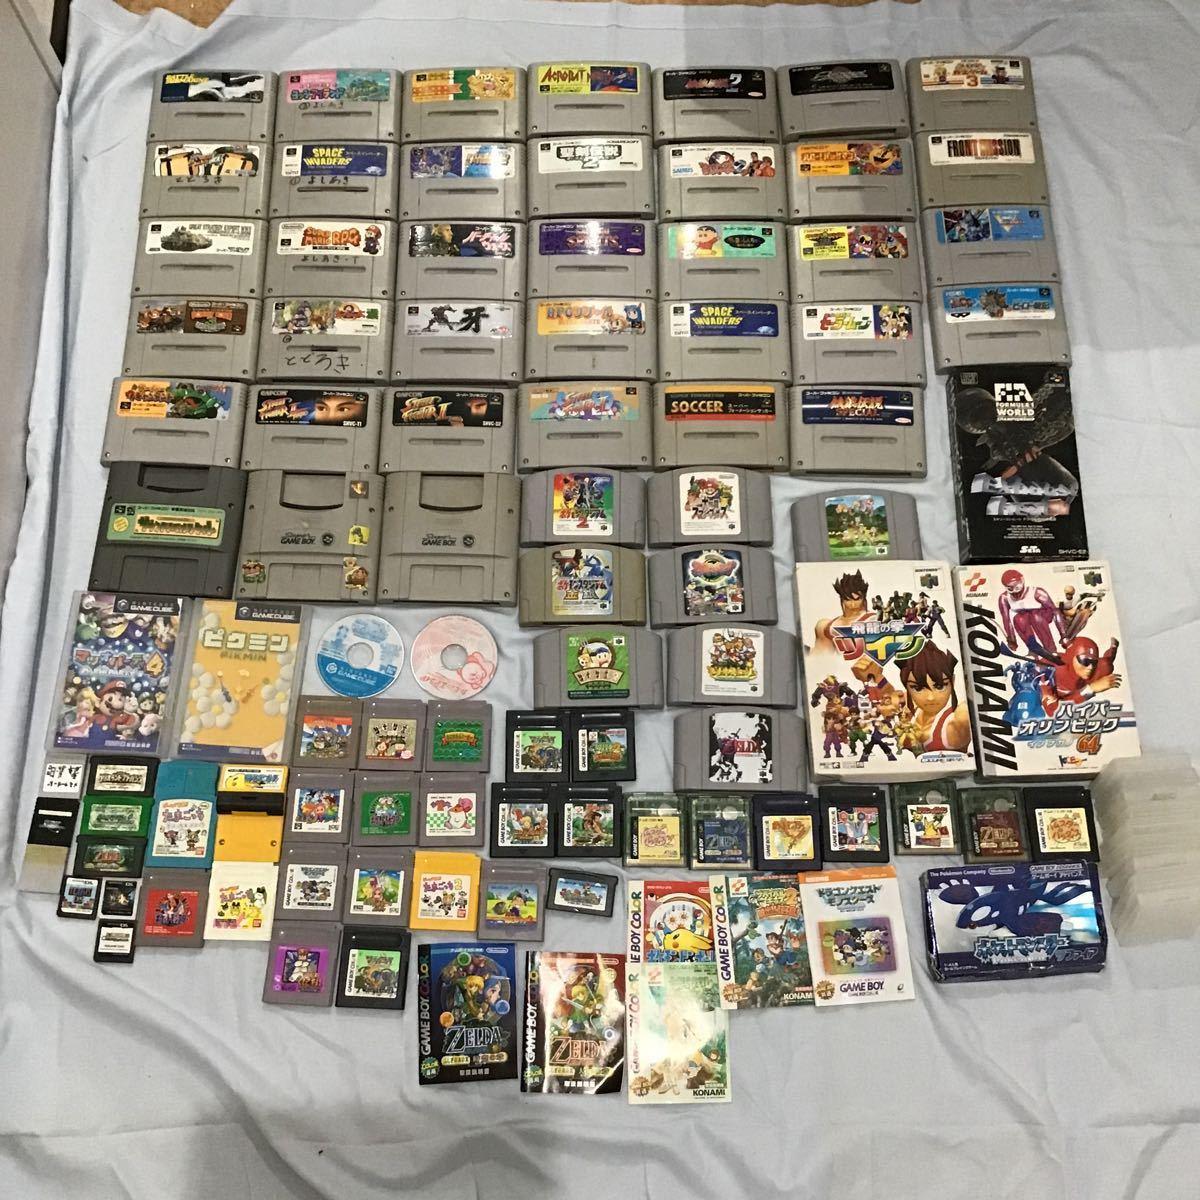 【中古任天堂ソフト】Nintendo ゲームボーイ ゲームボーイカラー スーパーファミコン 64 アドバンス DS キューブ まとめて87点